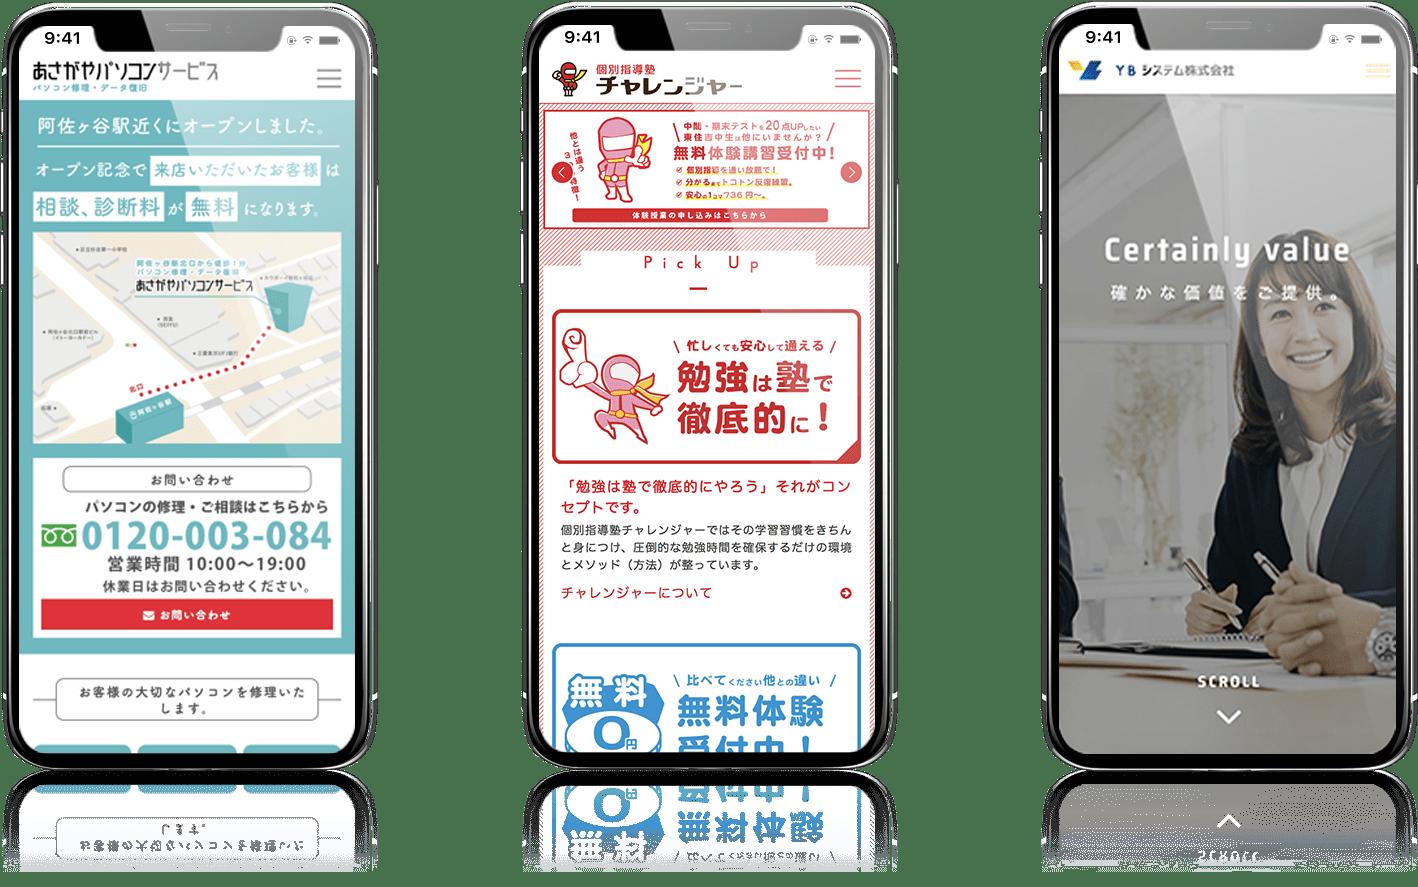 モバイルサイト、レスポンシブデザイン